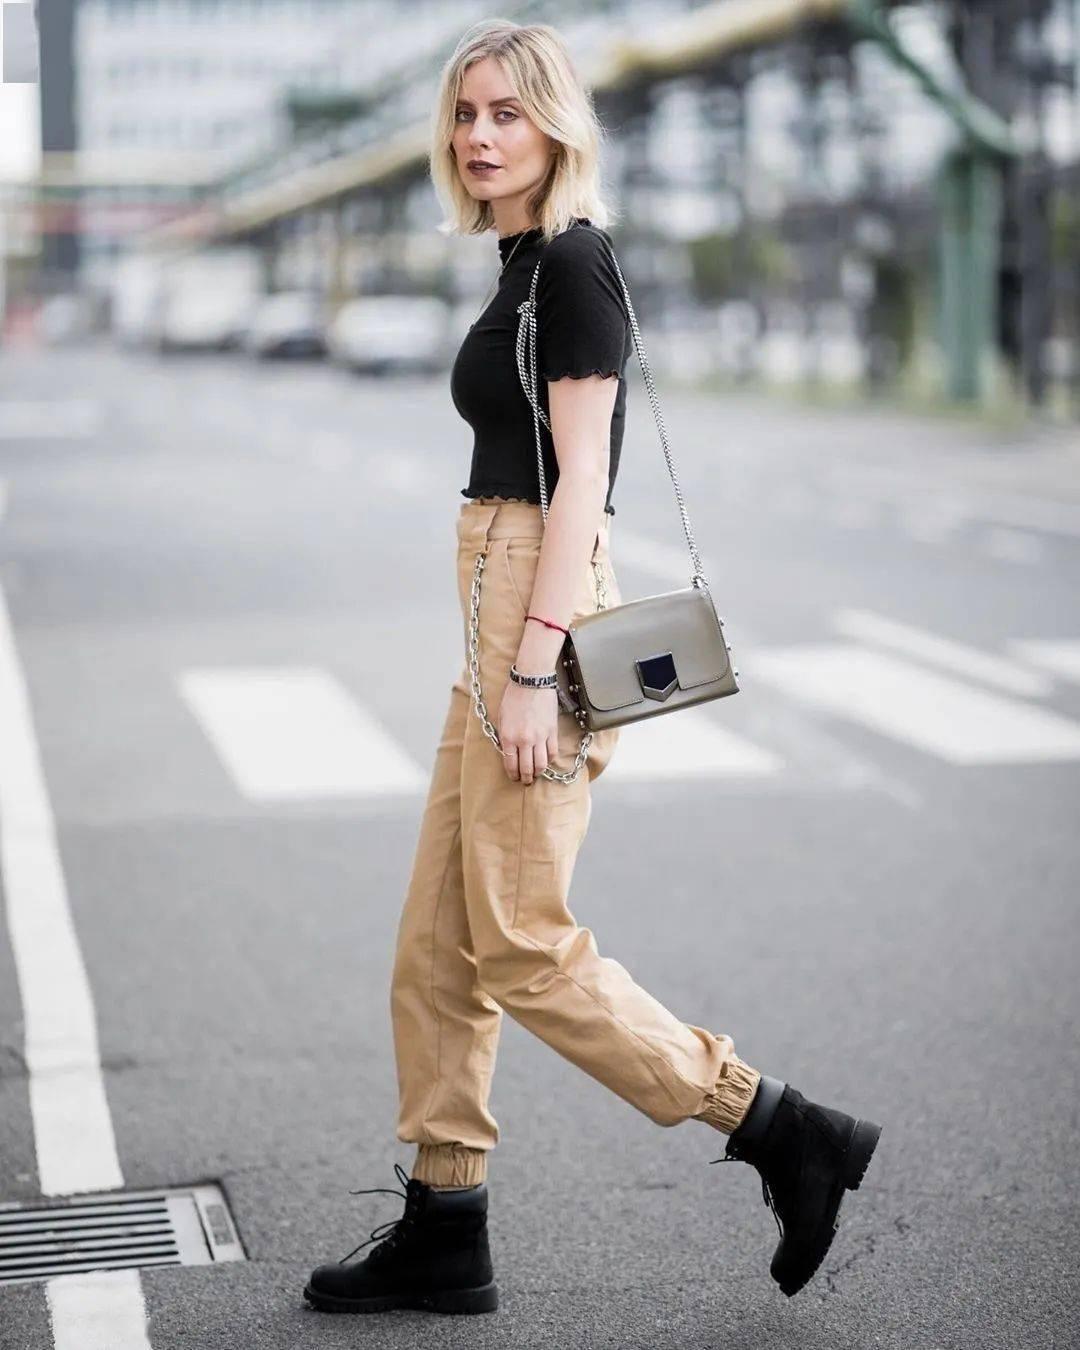 马丁靴+裙子,马丁靴+工装裤……又酷又撩,时髦炸了!     第26张